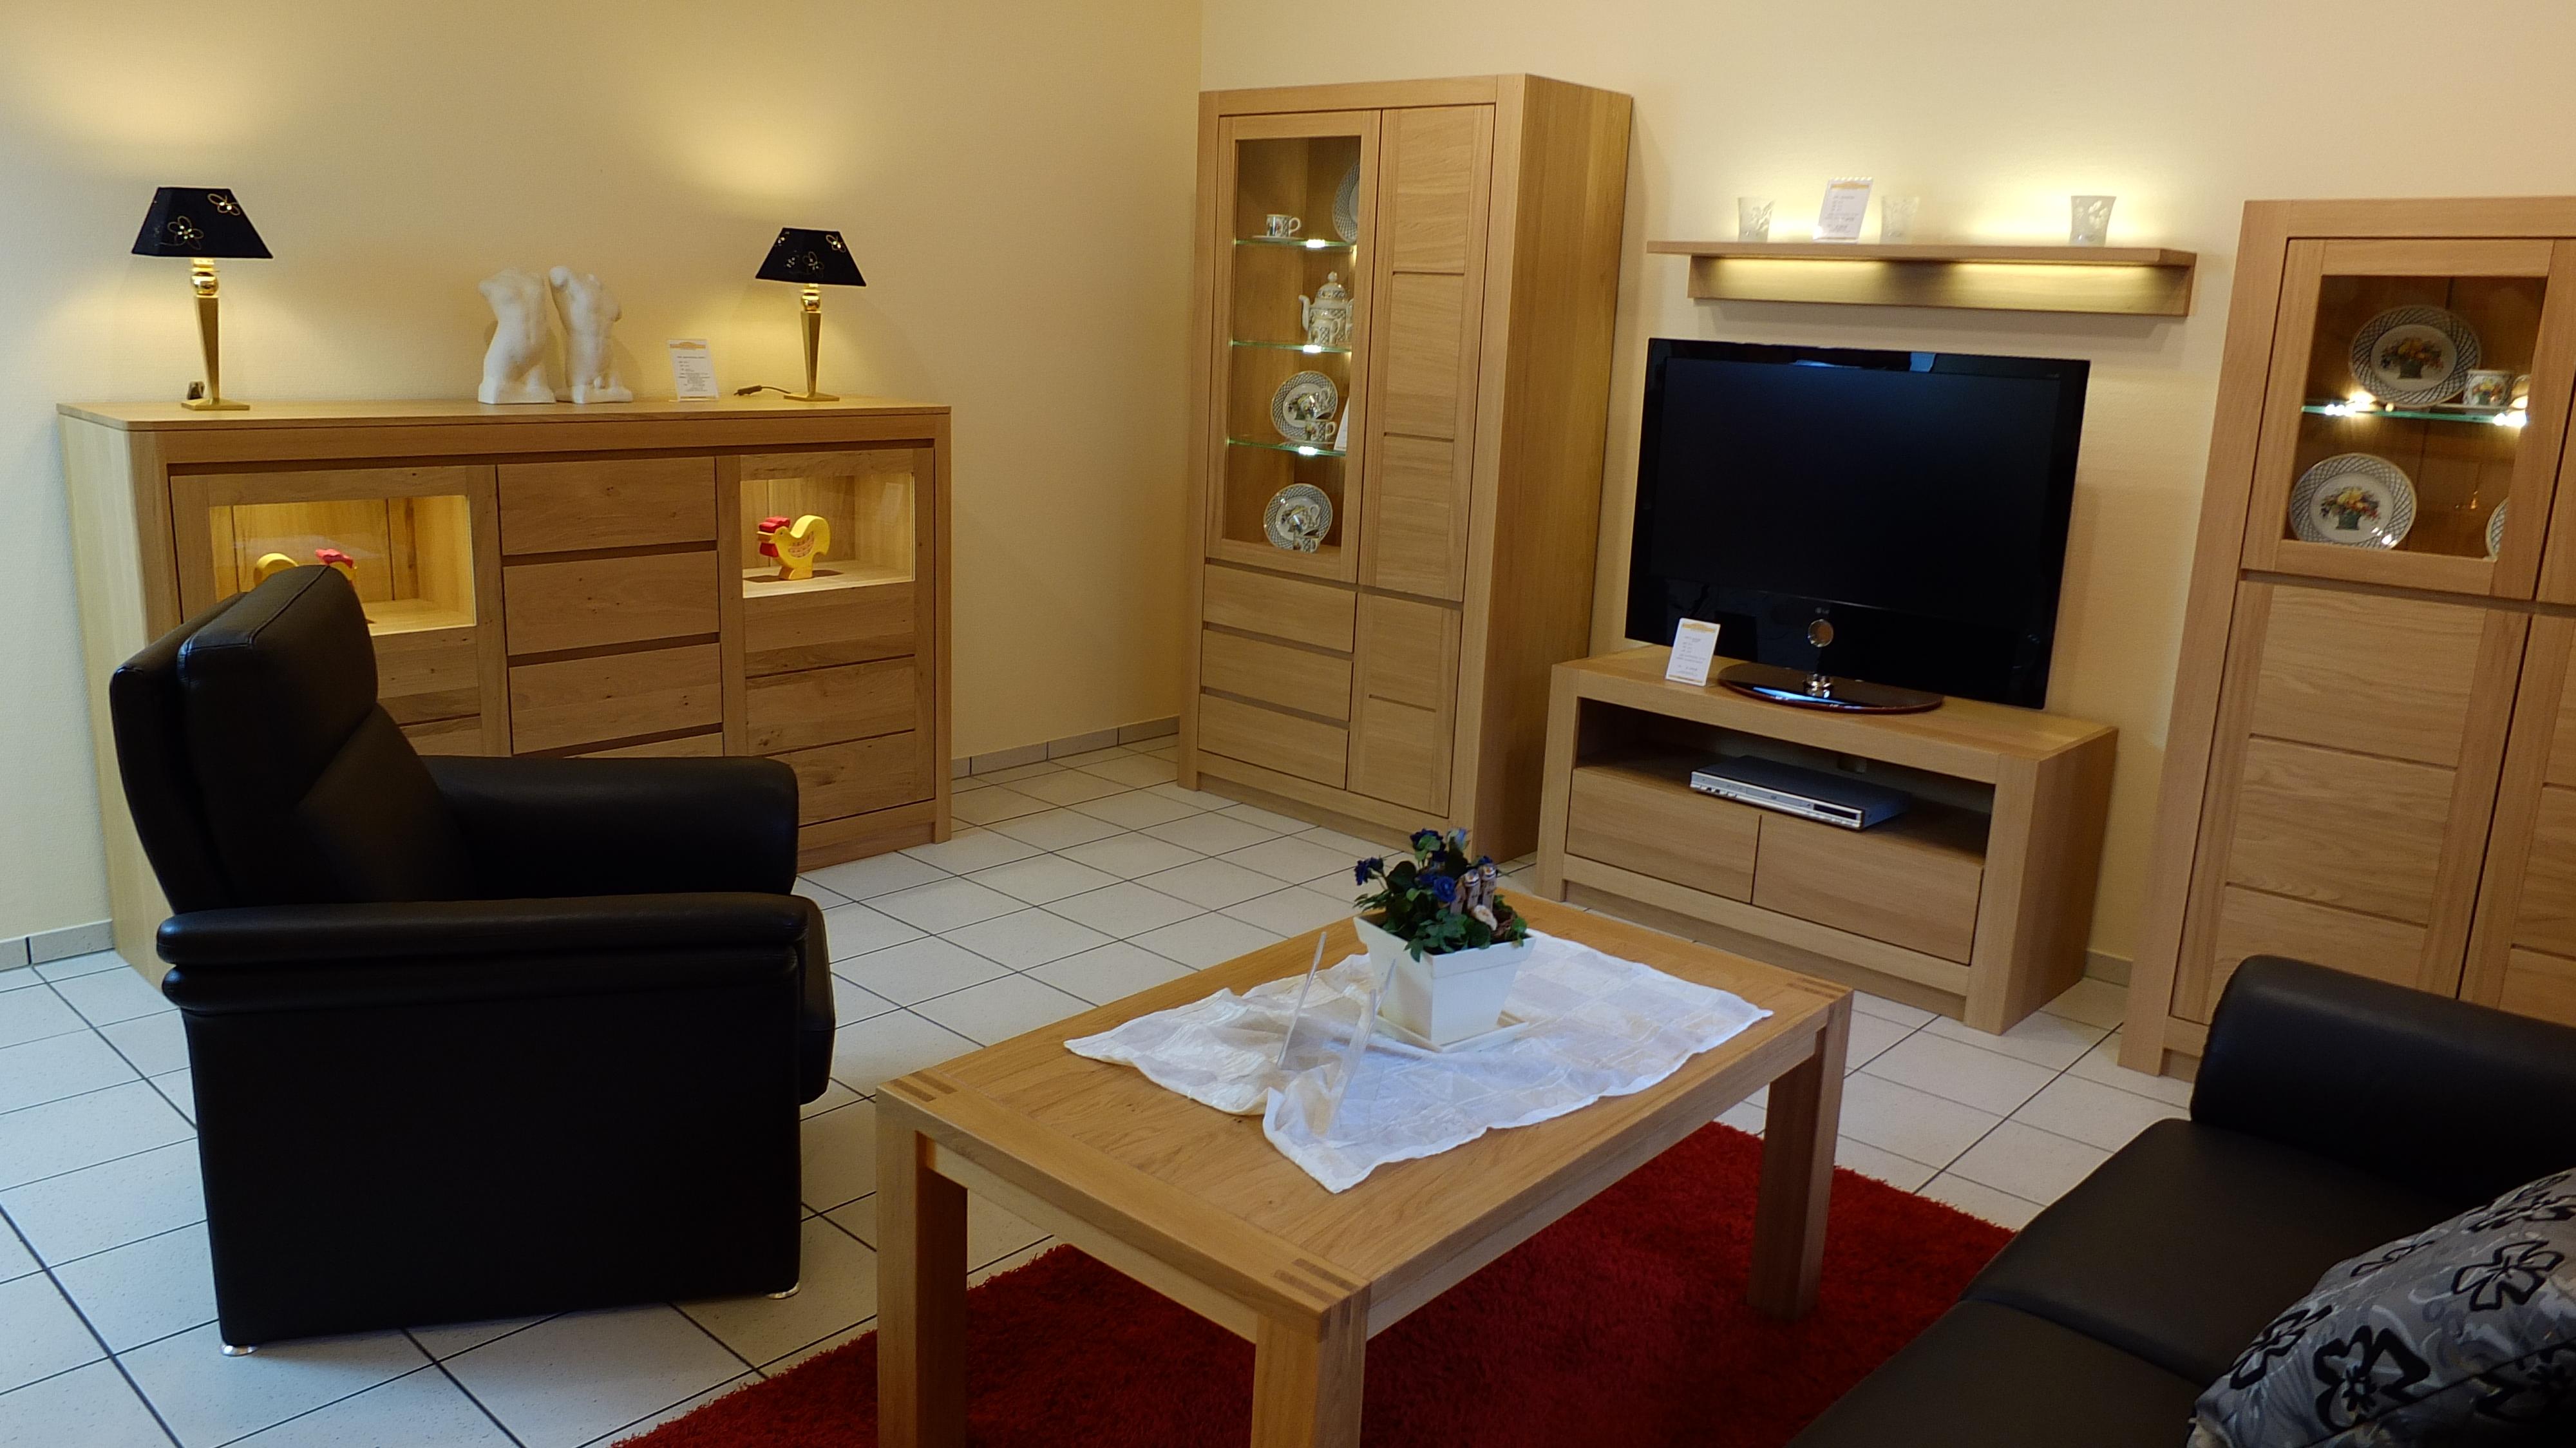 ffnungszeiten gebr der vinkelau gmbh in legden. Black Bedroom Furniture Sets. Home Design Ideas